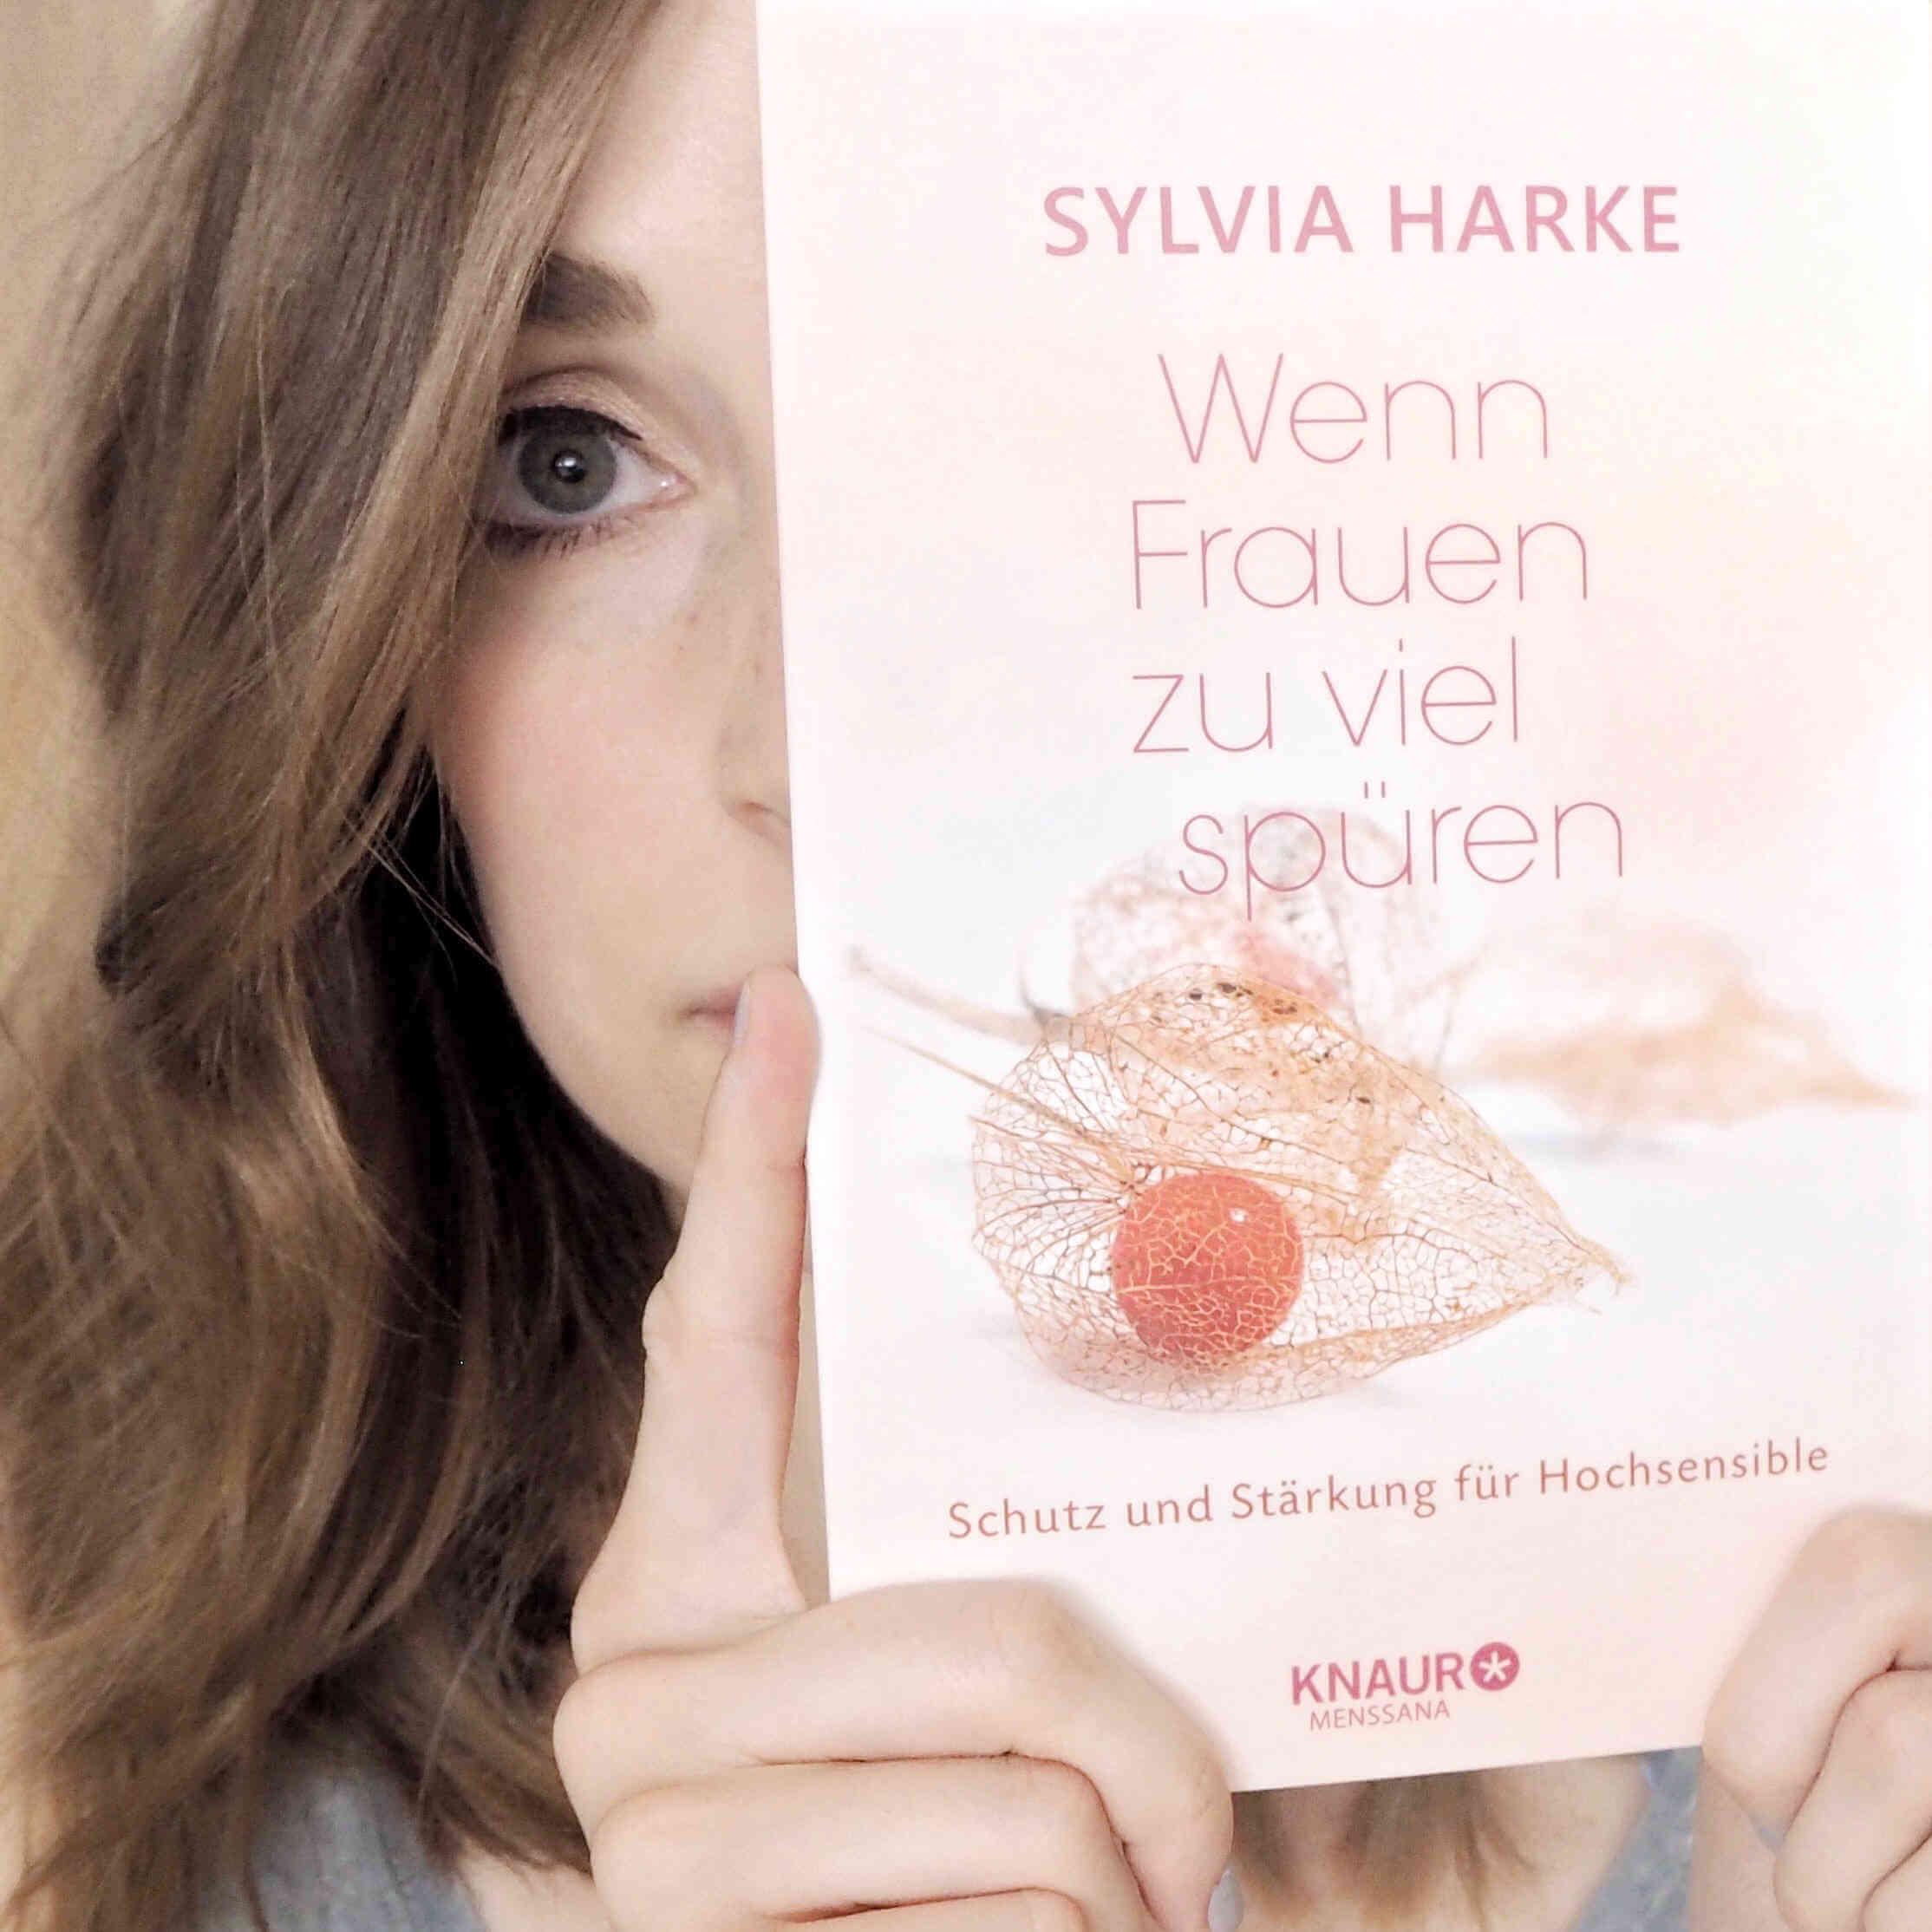 Sylvia Harke - Wenn Frauen zu viel spüren. Schutz und Stärkung für Hochsensible.